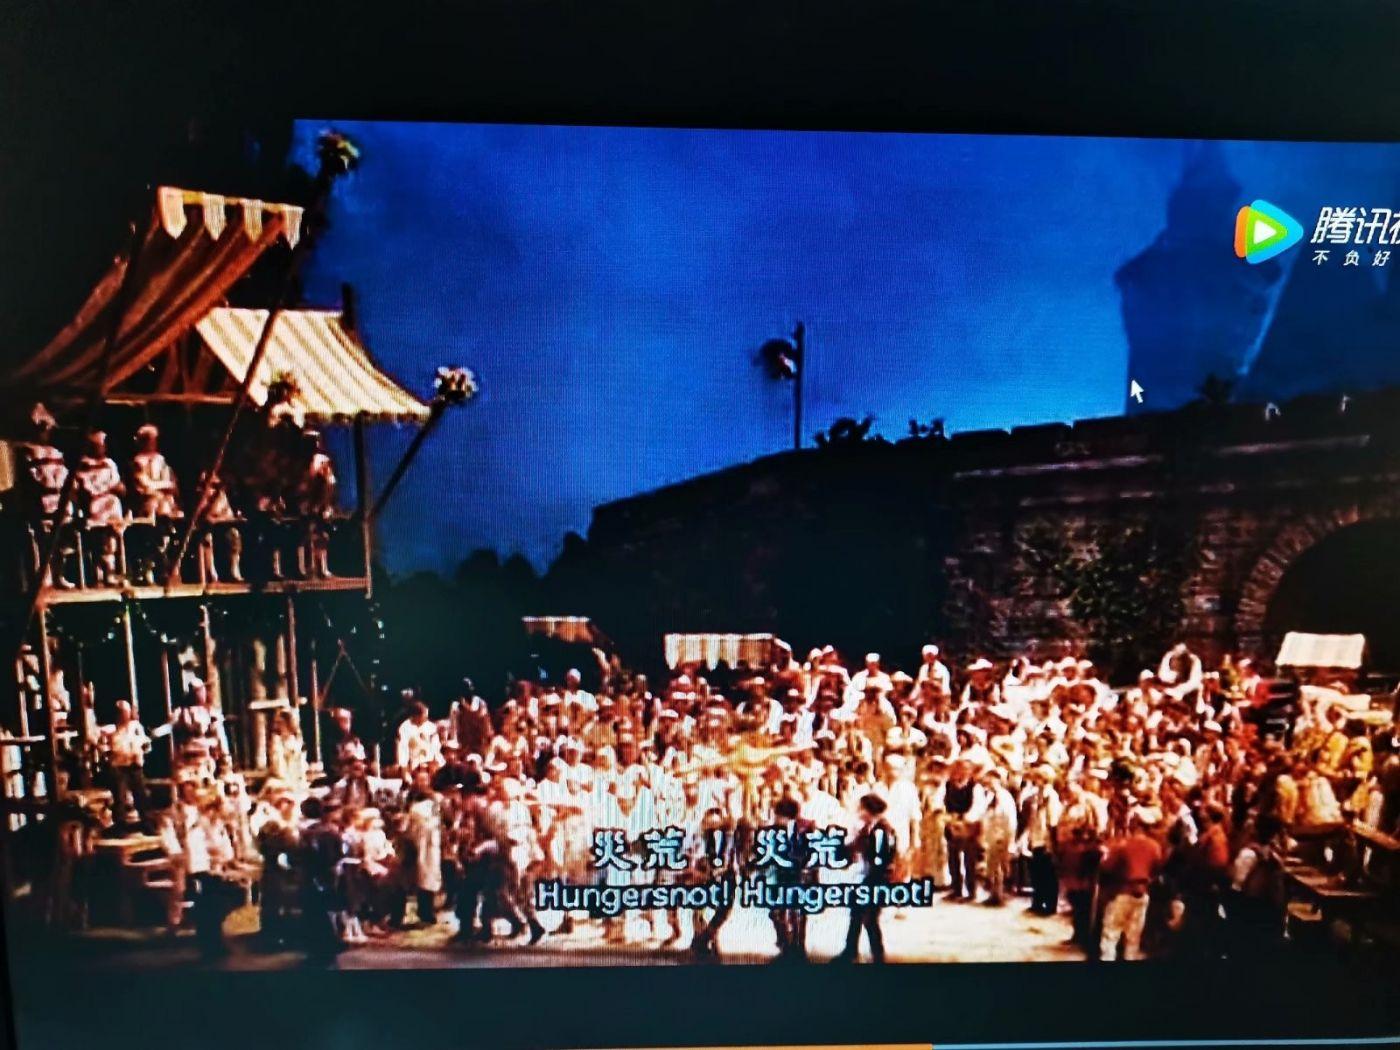 昨天部分日记:网上看了瓦格纳的名剧《纽伦堡的名歌手》,超长,四个半小时 ..._图1-1